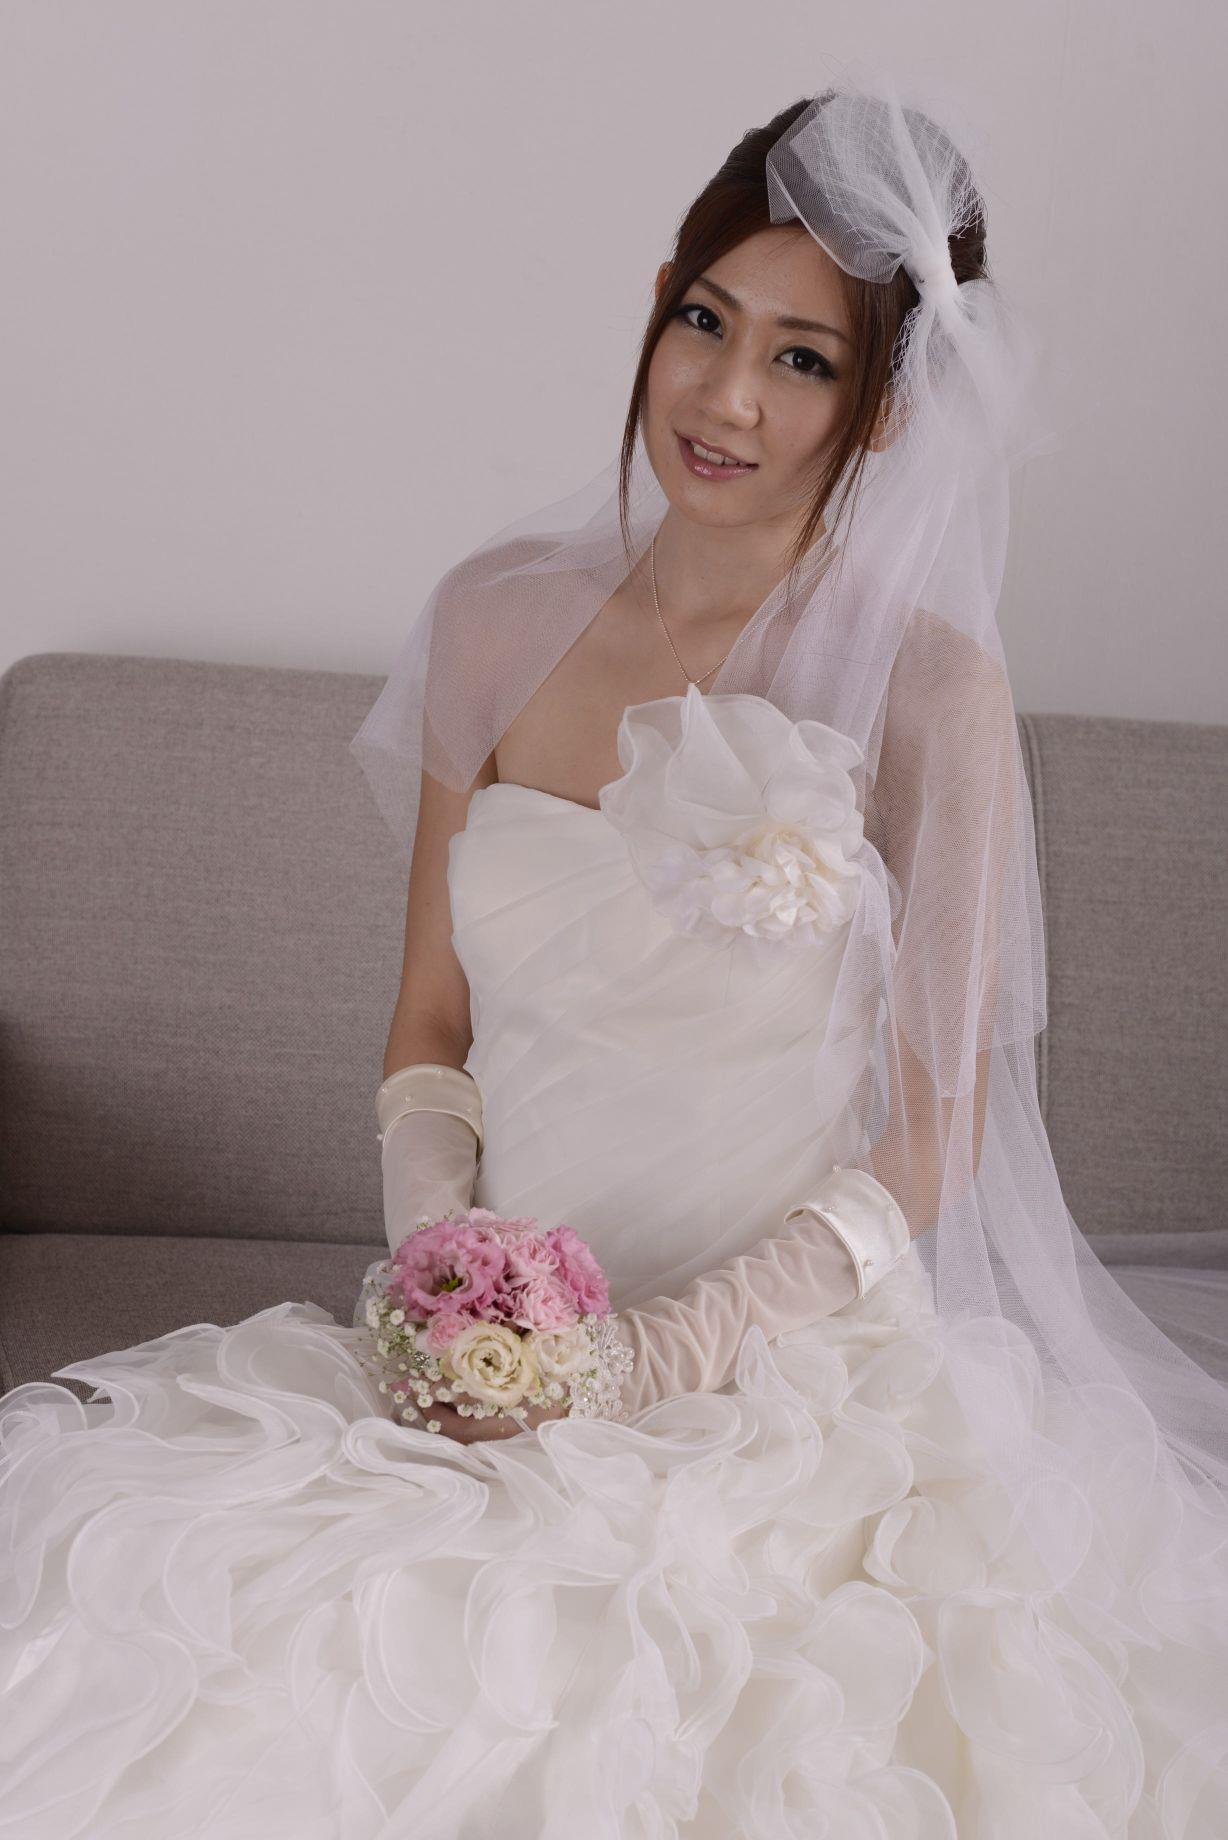 前田かおり ウェディングドレス画像 39